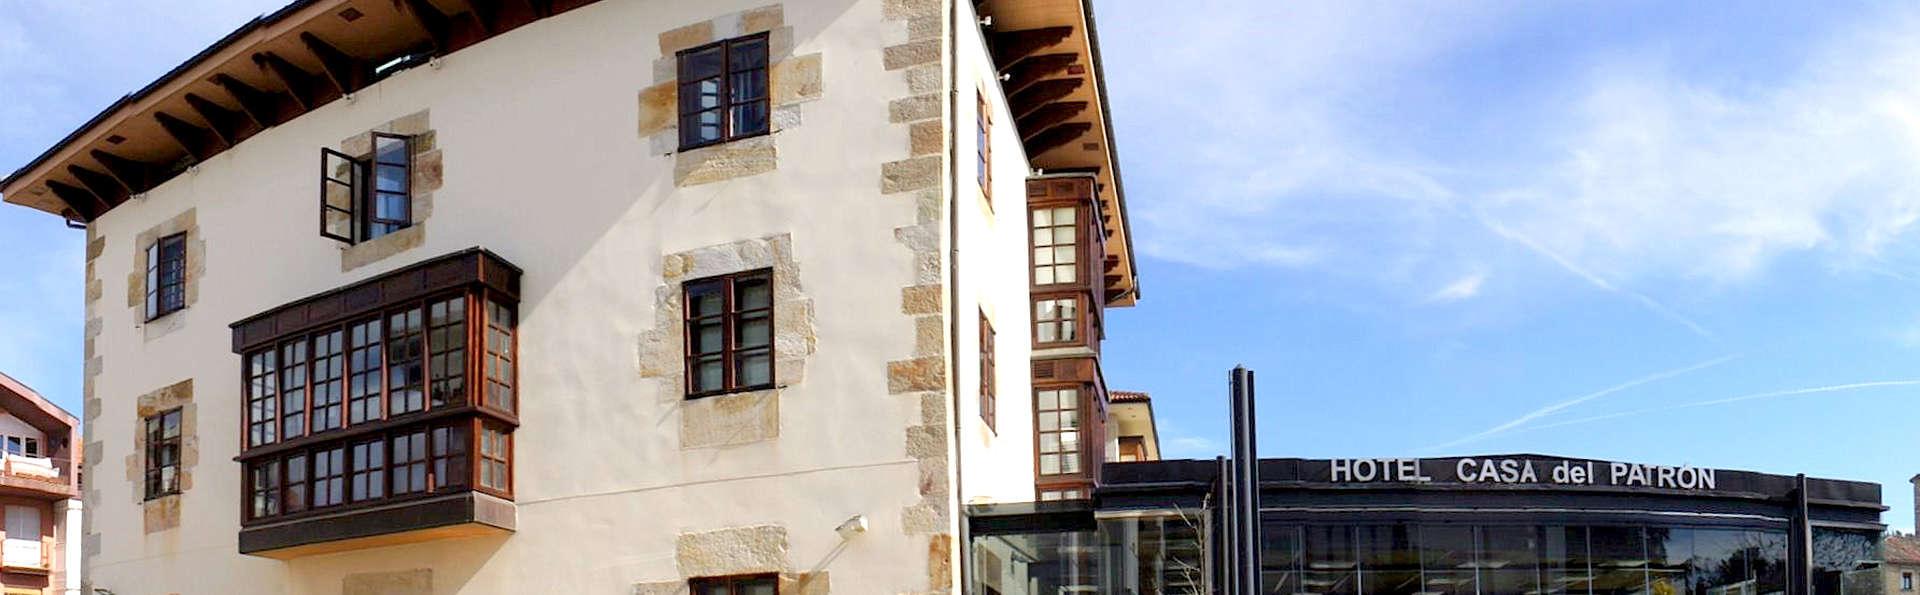 La Casa del Patrón - Edit_front2.jpg